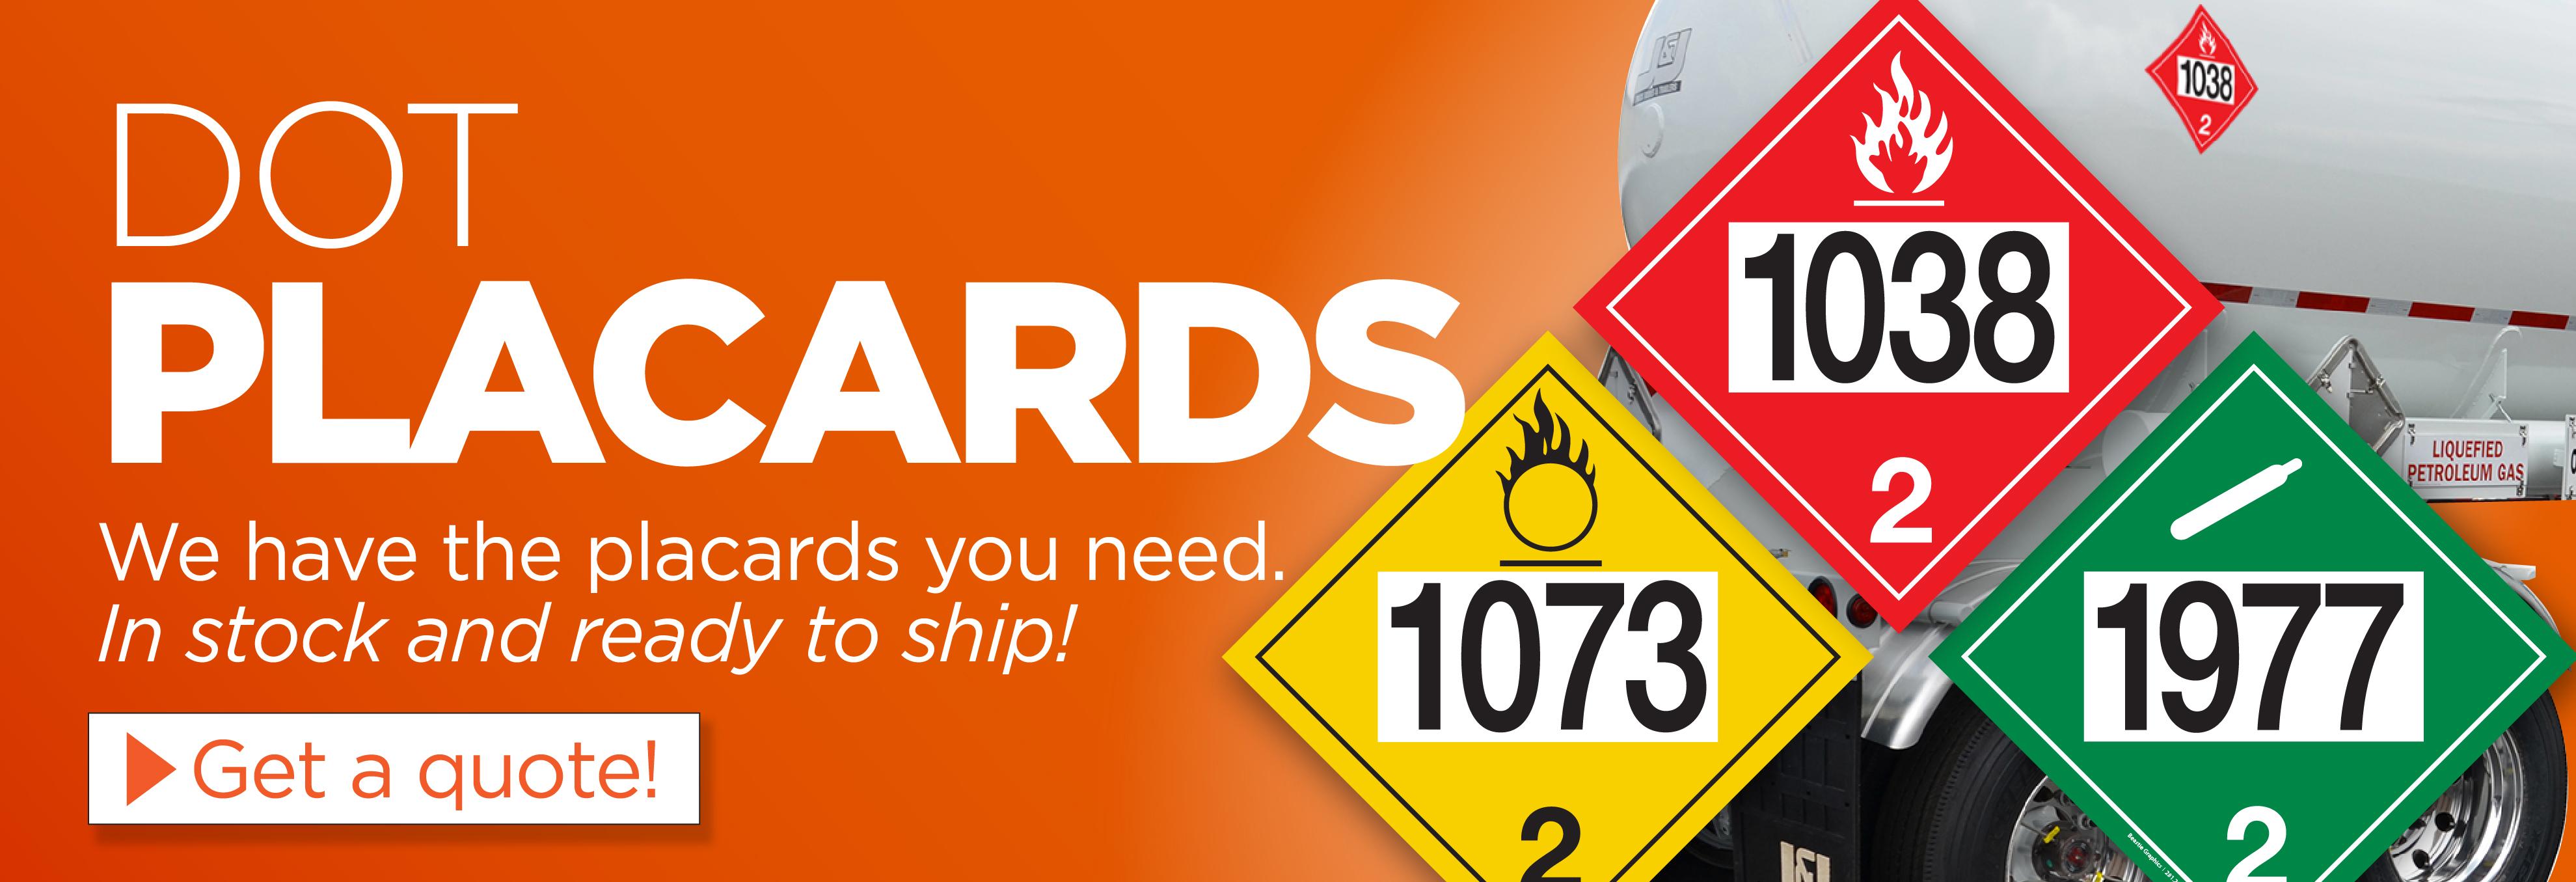 DOT Placards